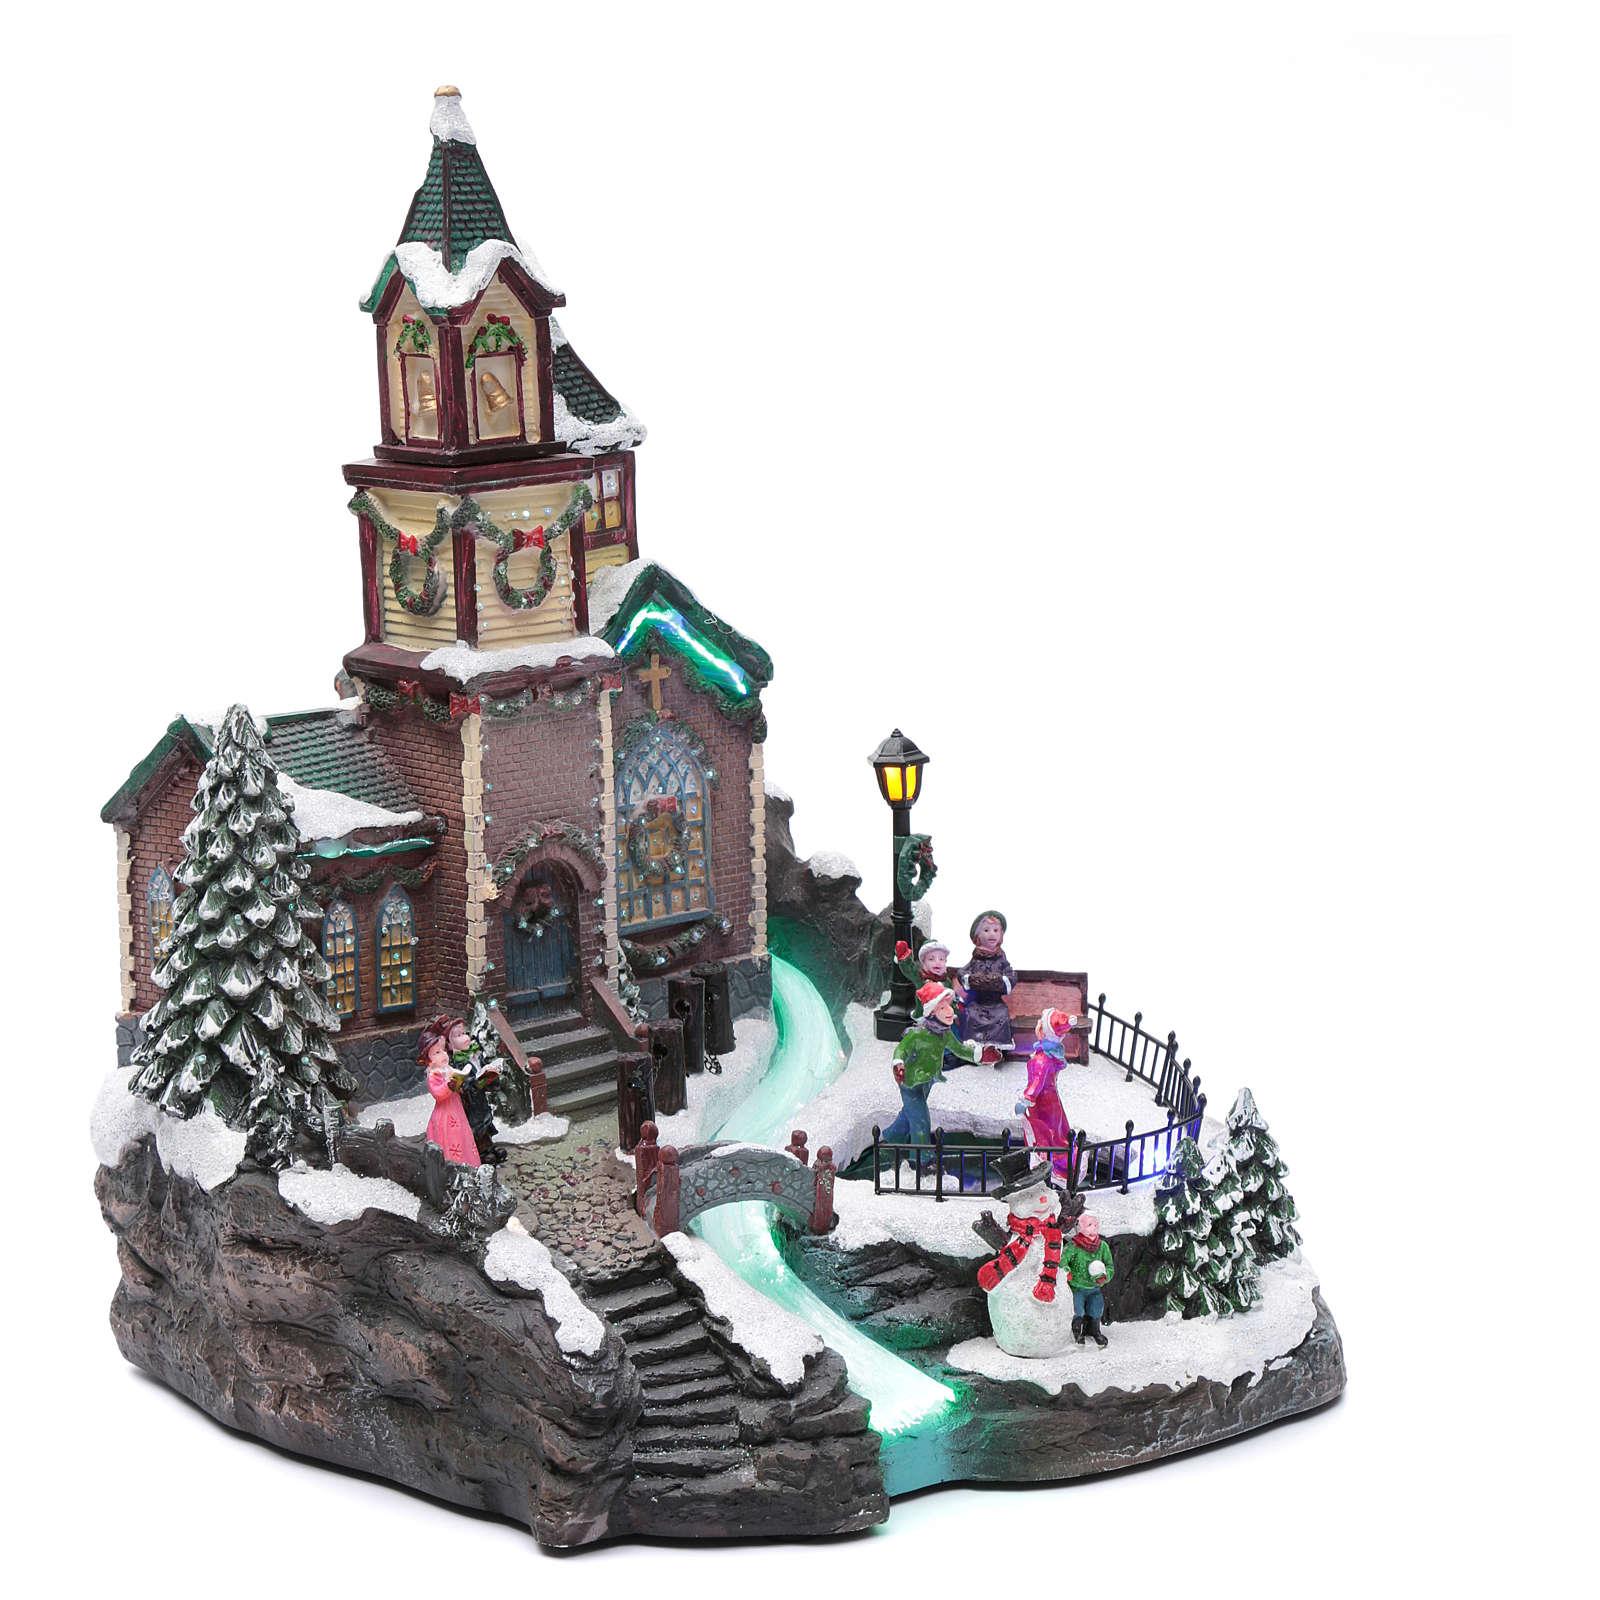 Villaggio natalizio musicale illuminato lago ghiacciato movimento 38X28X30 cm 3